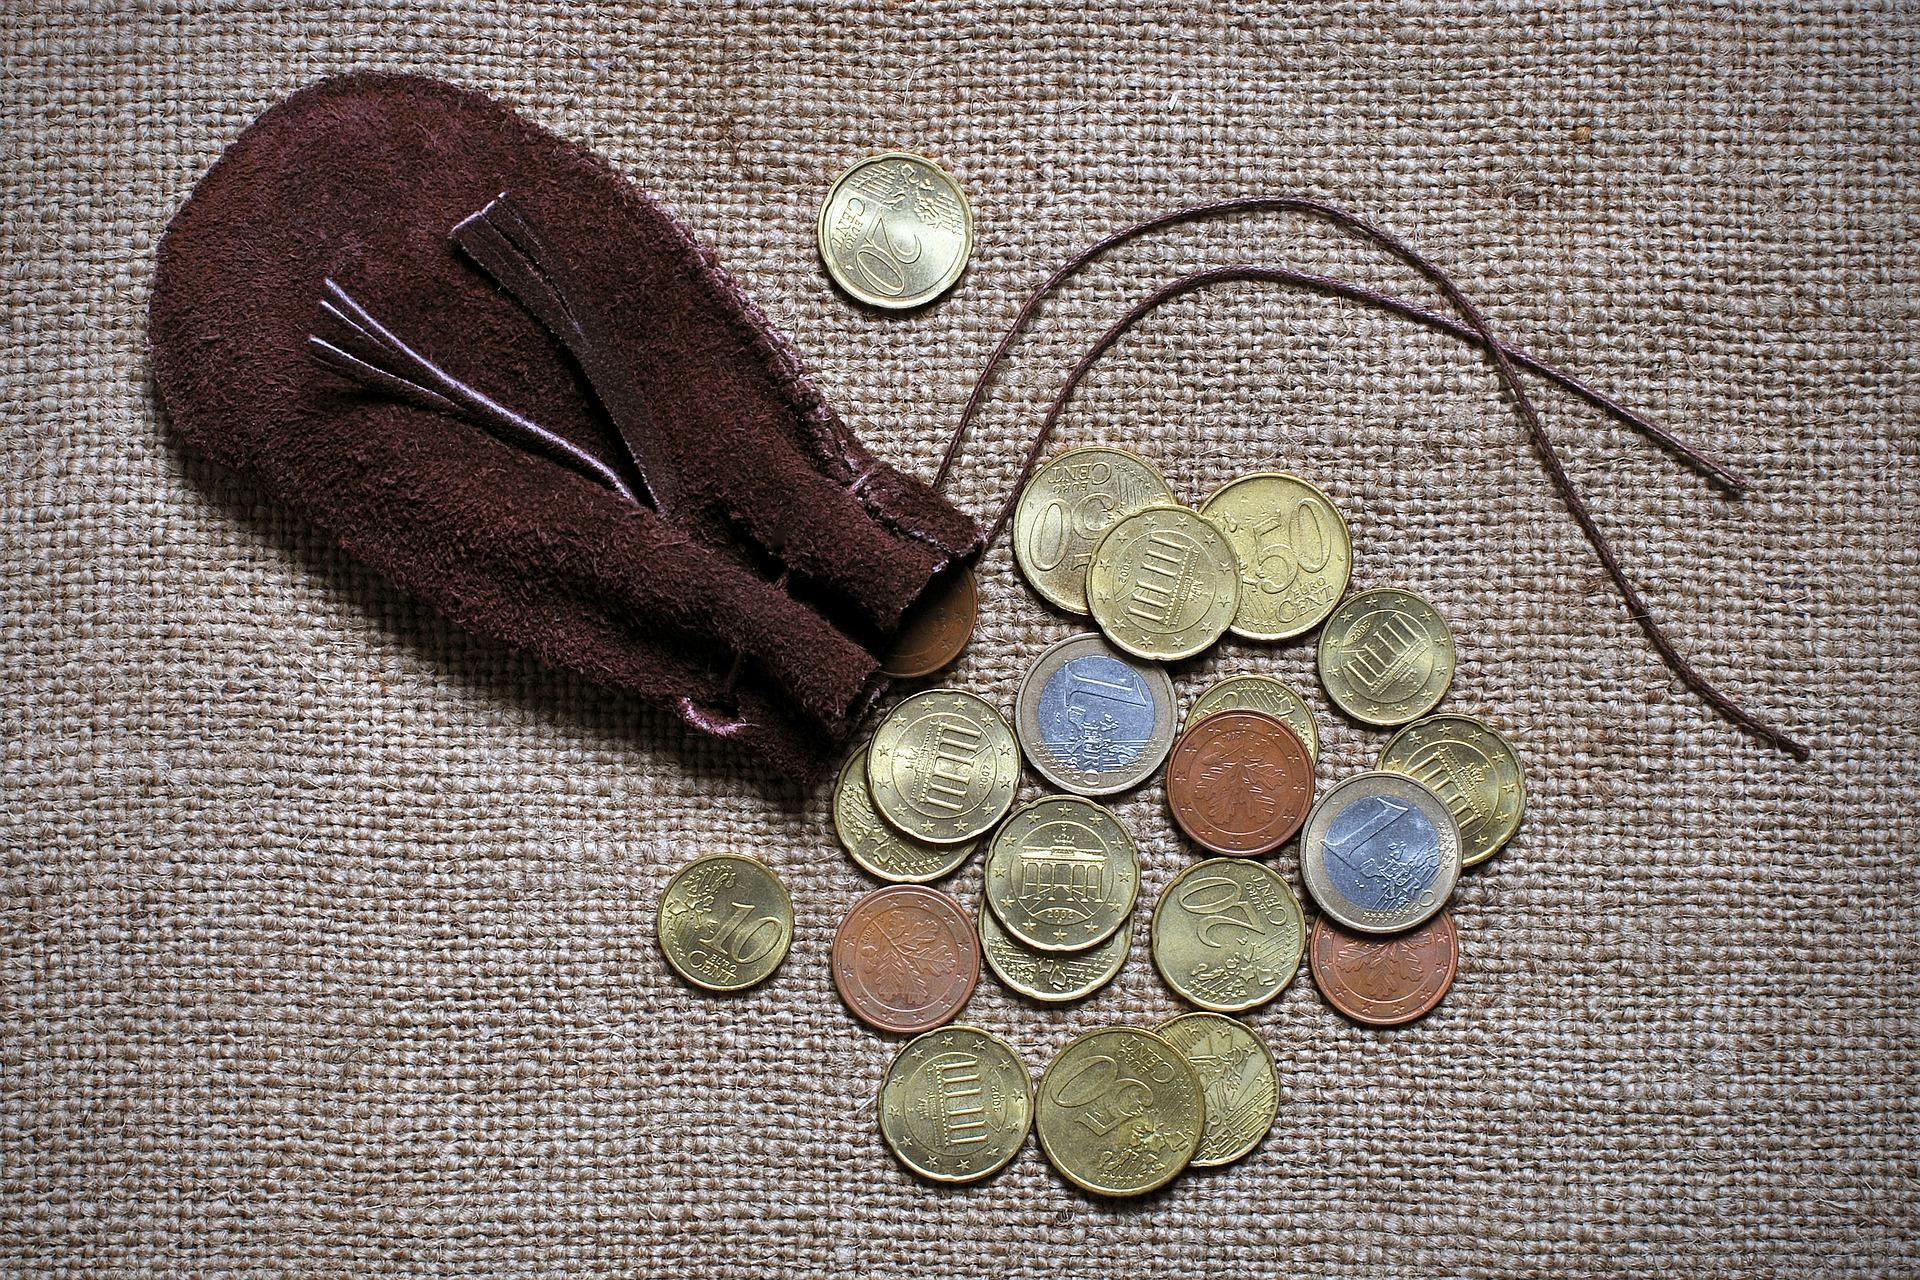 Unternehmerische Tätigkeit bei Erwerbs- und Einbringungsvorgängen